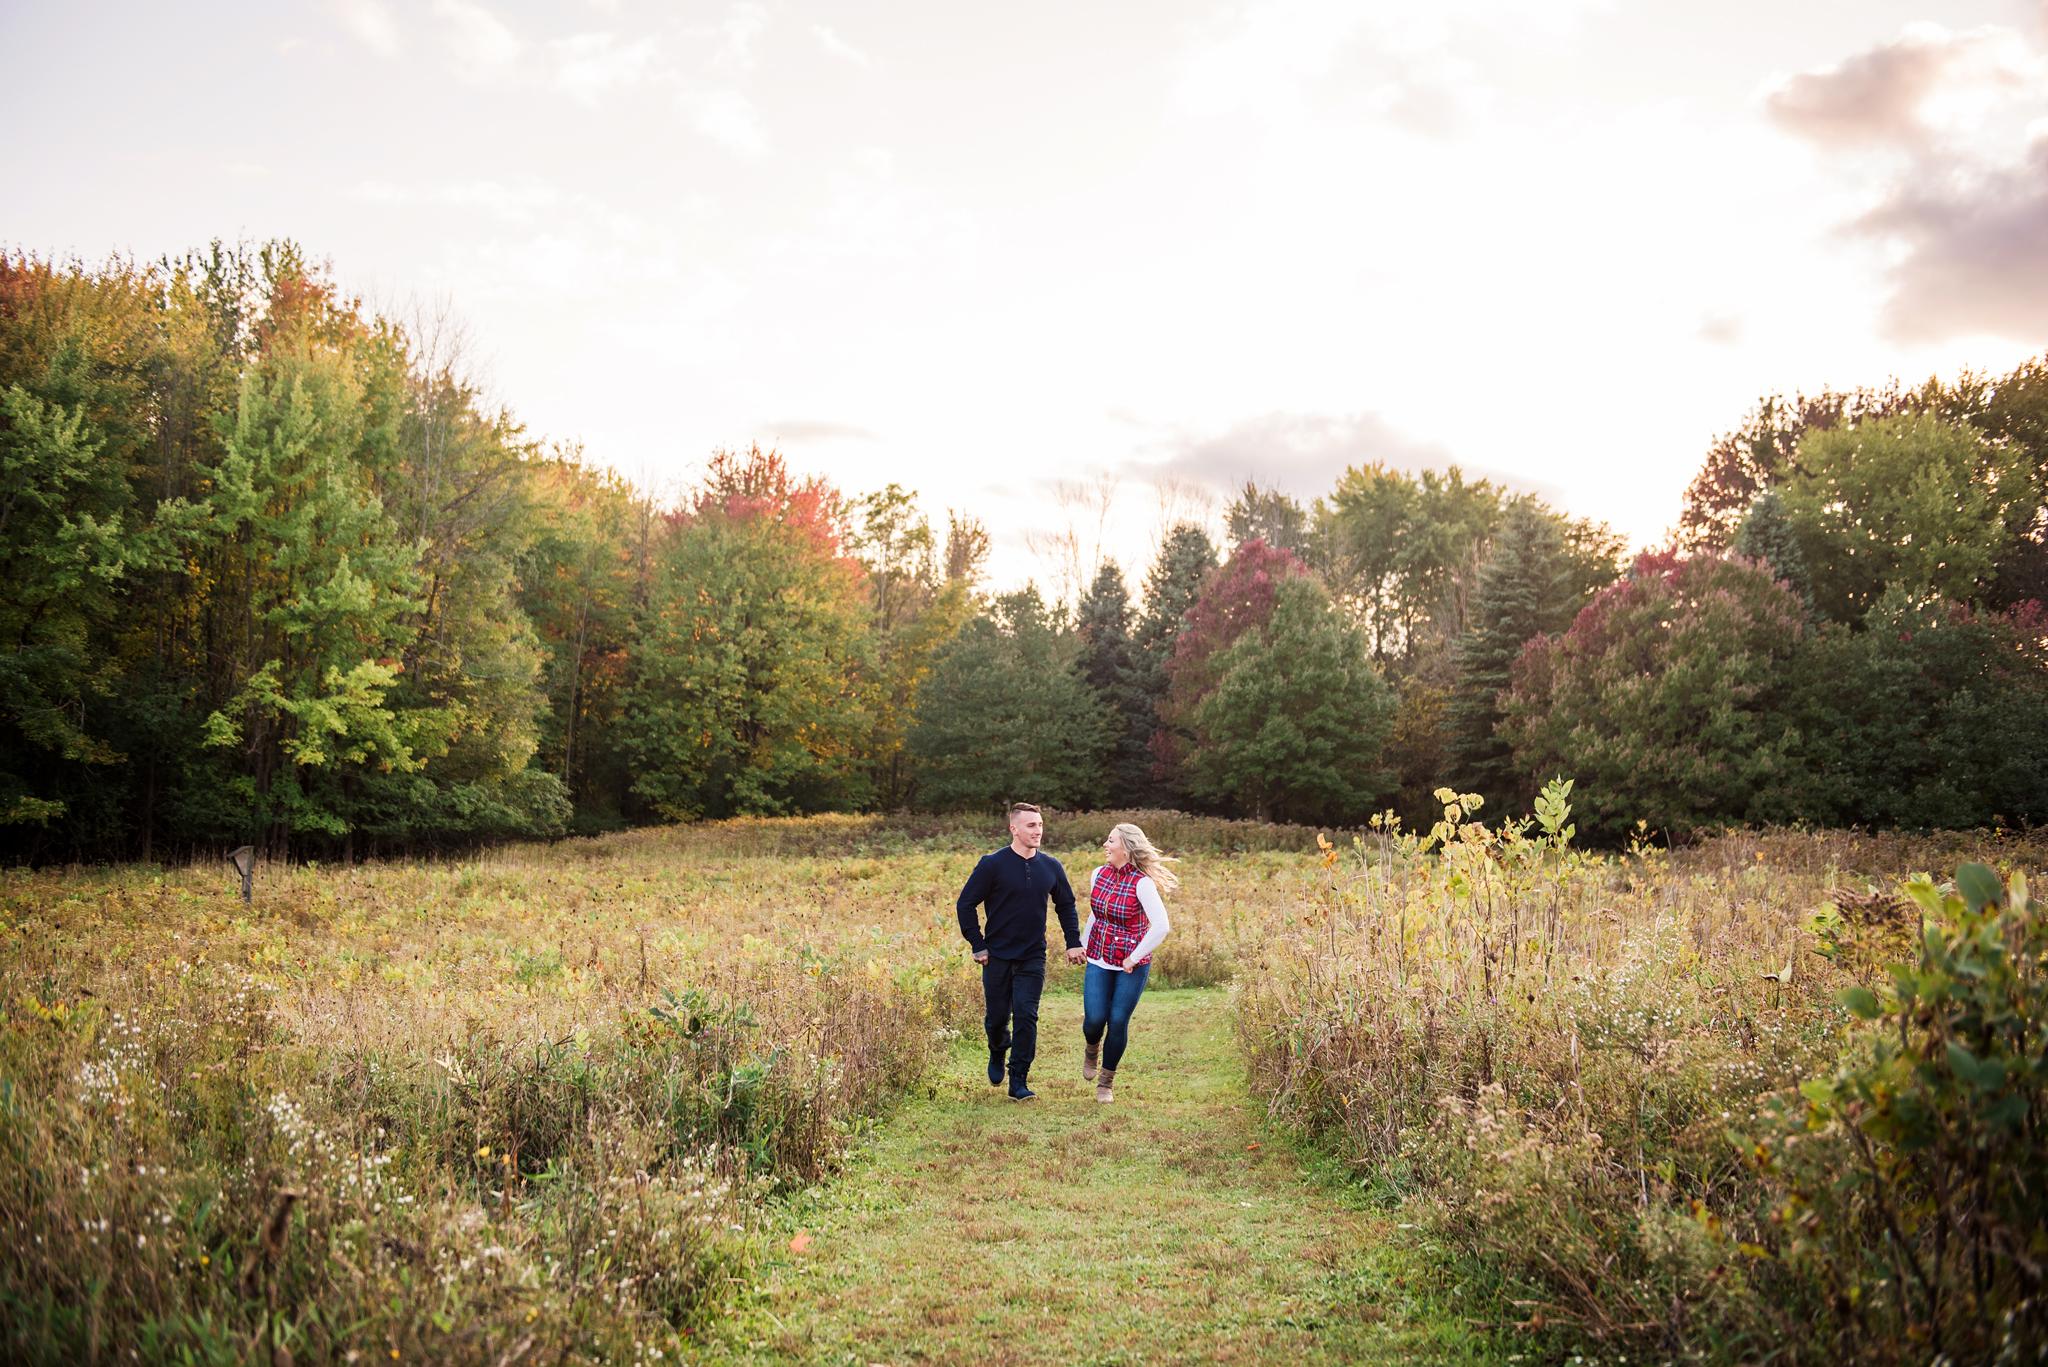 Tinker_Nature_Park_Rochester_Couples_Session_JILL_STUDIO_Rochester_NY_Photographer_DSC_4958.jpg